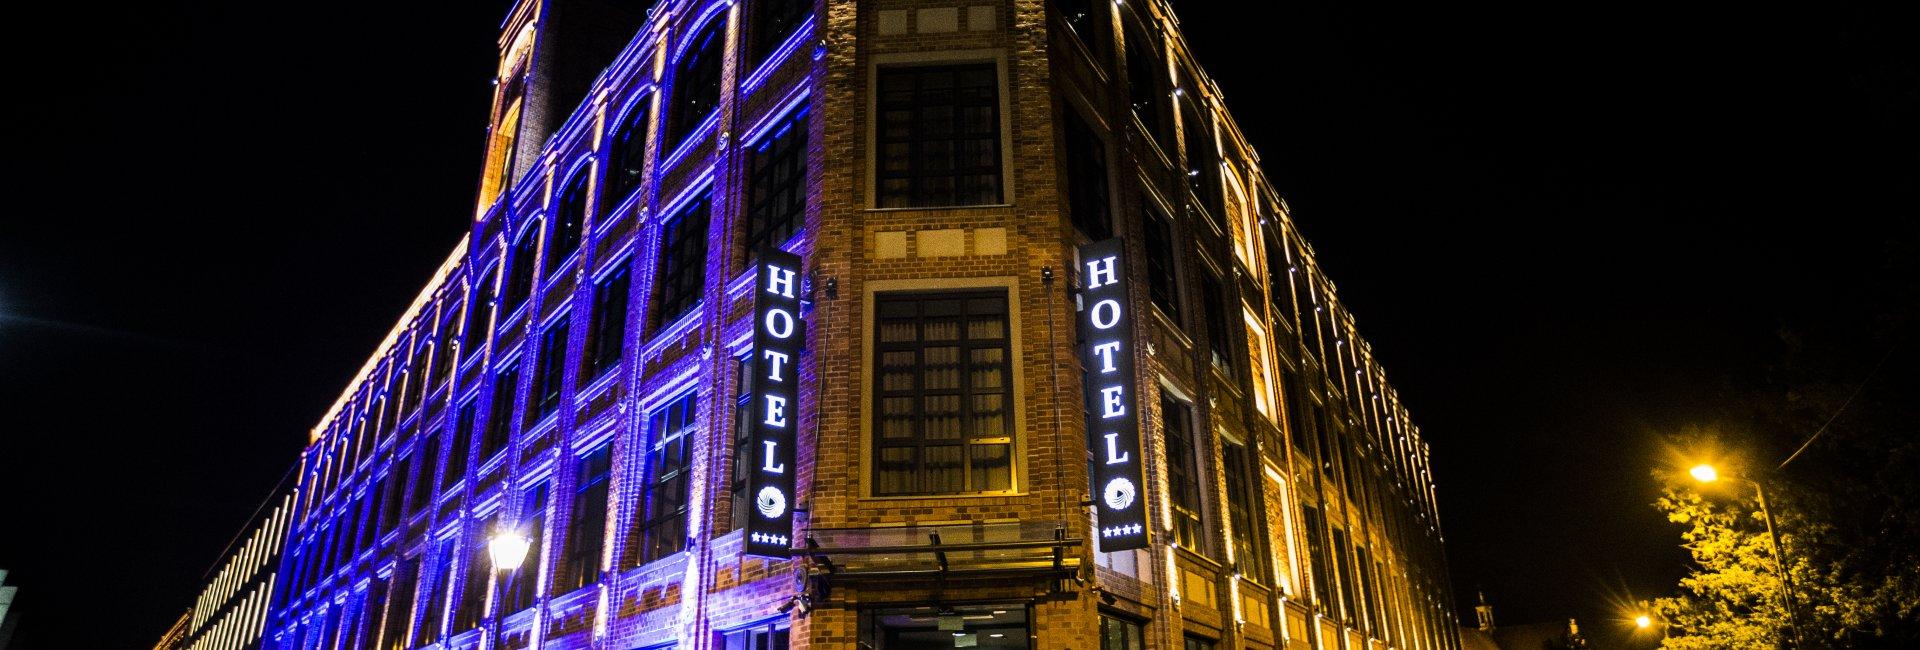 Zmiany w funkcjonowaniu hotelu